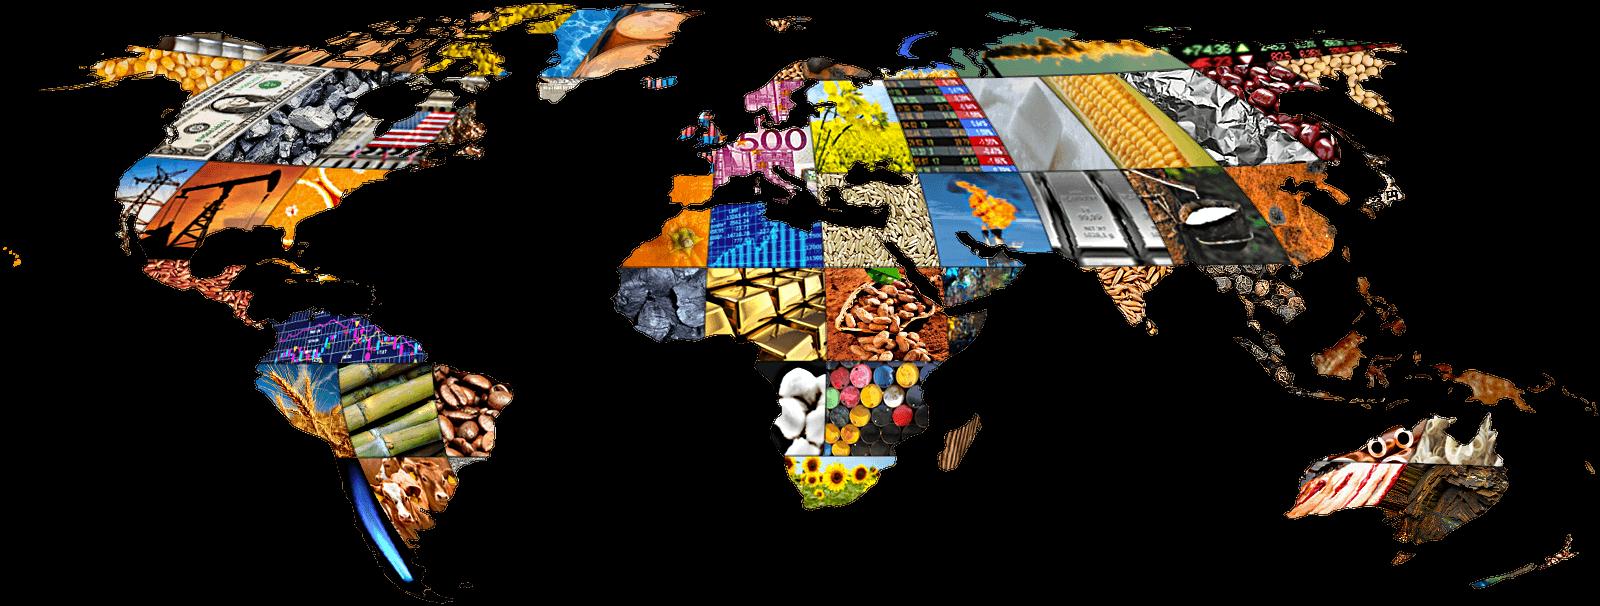 Trade markets